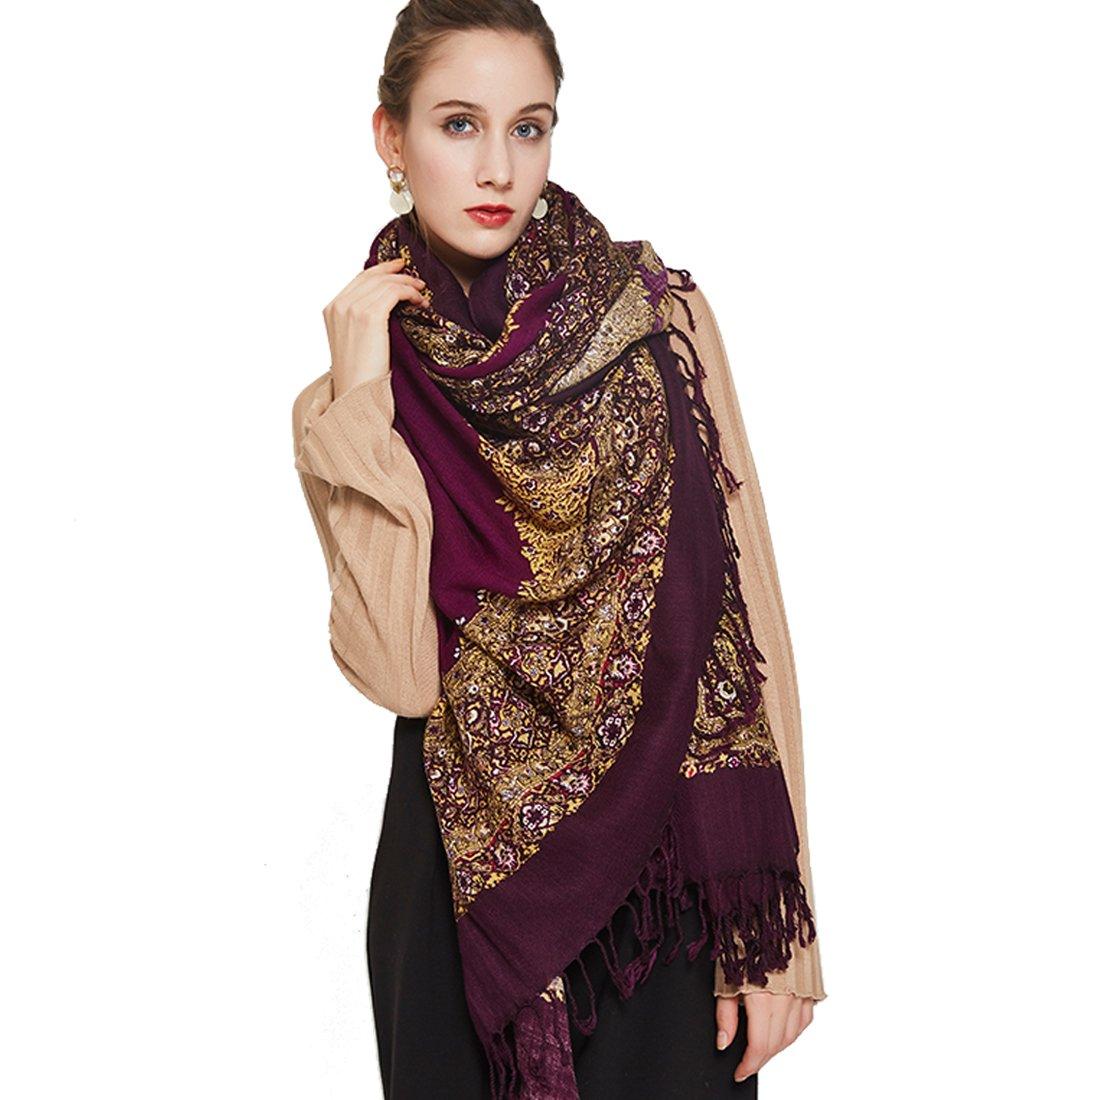 DANA XU 100% Pure Wool Women Winter Large Size Pashmina Travel Shawl (Purple)